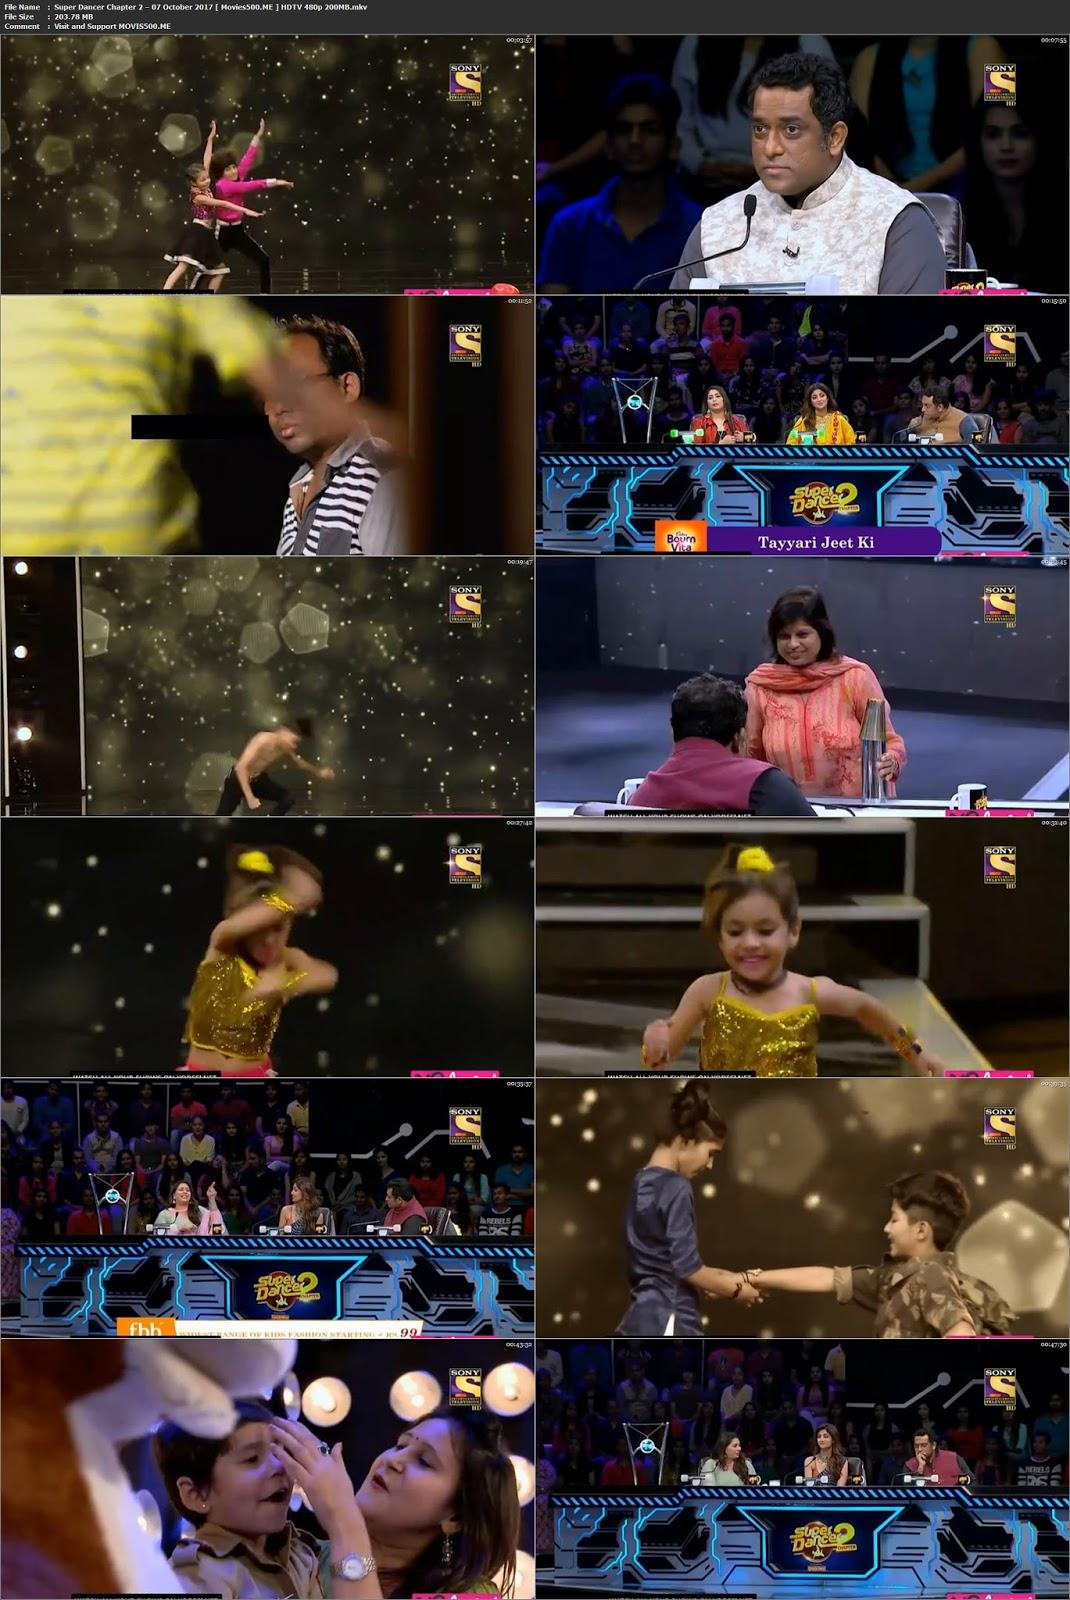 Super Dancer Chapter 2 2017 07 October HDTV 480p 200MB at softwaresonly.com